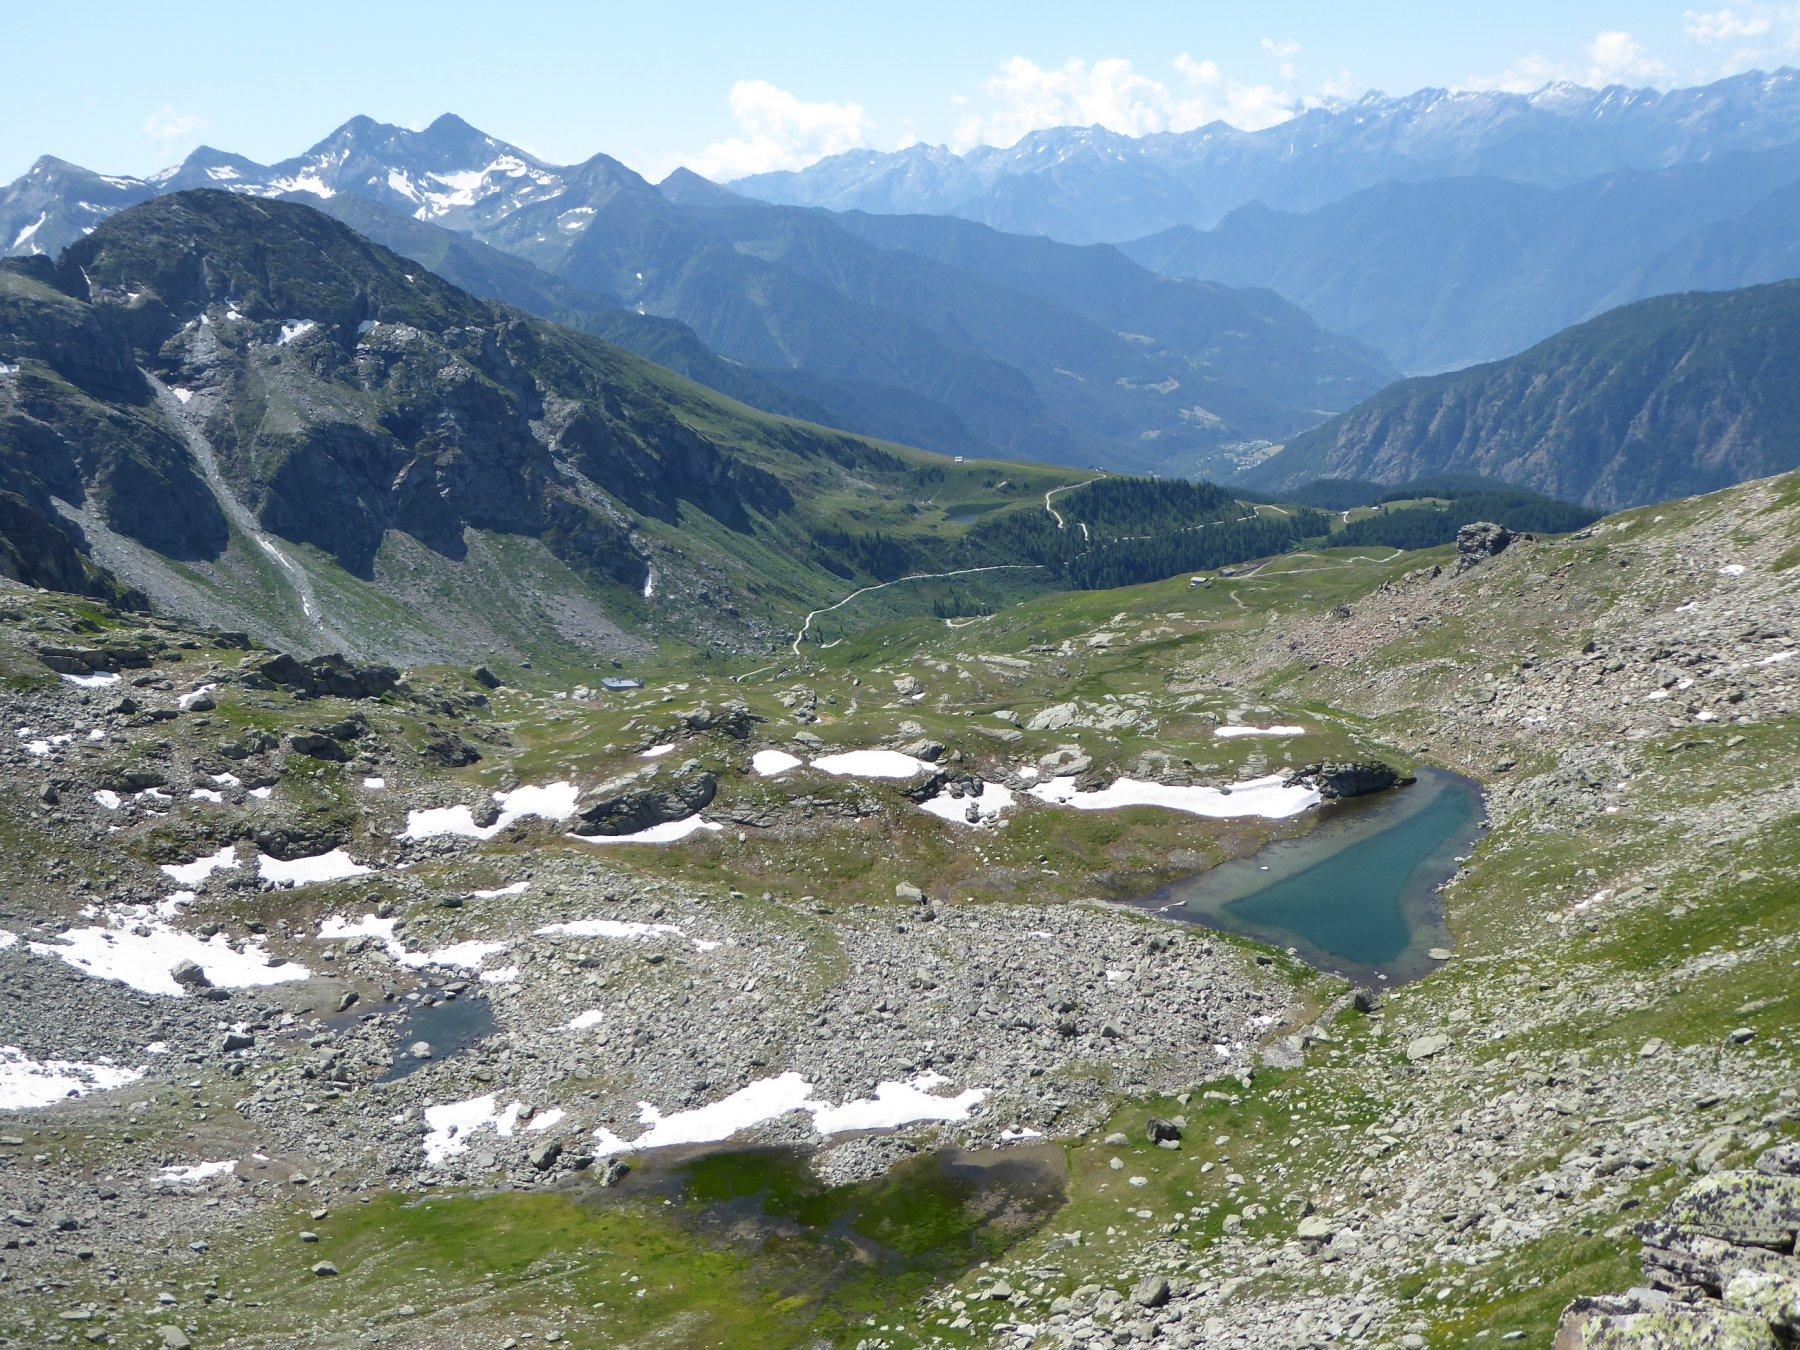 lago superiore di Valfredda e rifugio Arp dal colletto a 2770 metri